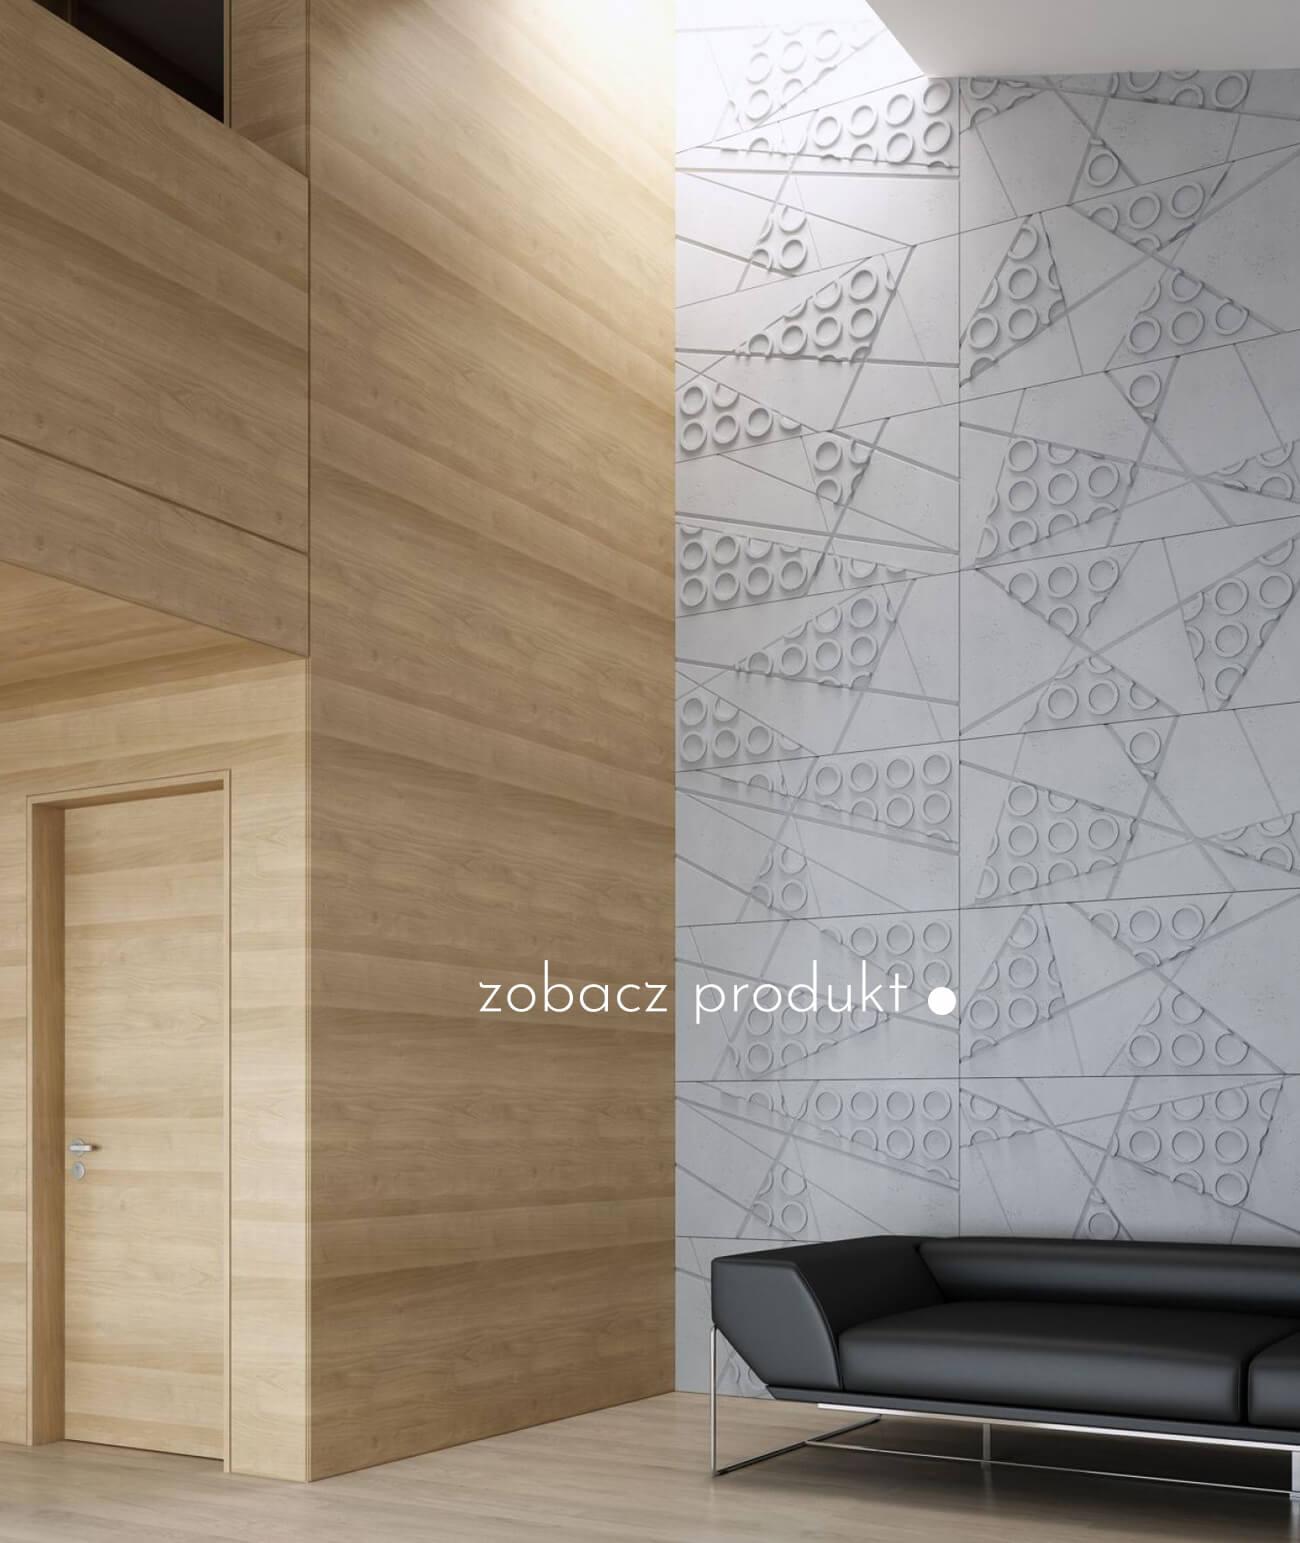 panele-betonowe-3d-scienne-i-elewacyjne-beton-architektoniczny_906-19910-pb29-b1-siwo-bialy-graf---panel-dekor-3d-beton-architektoniczny-panel-scienny